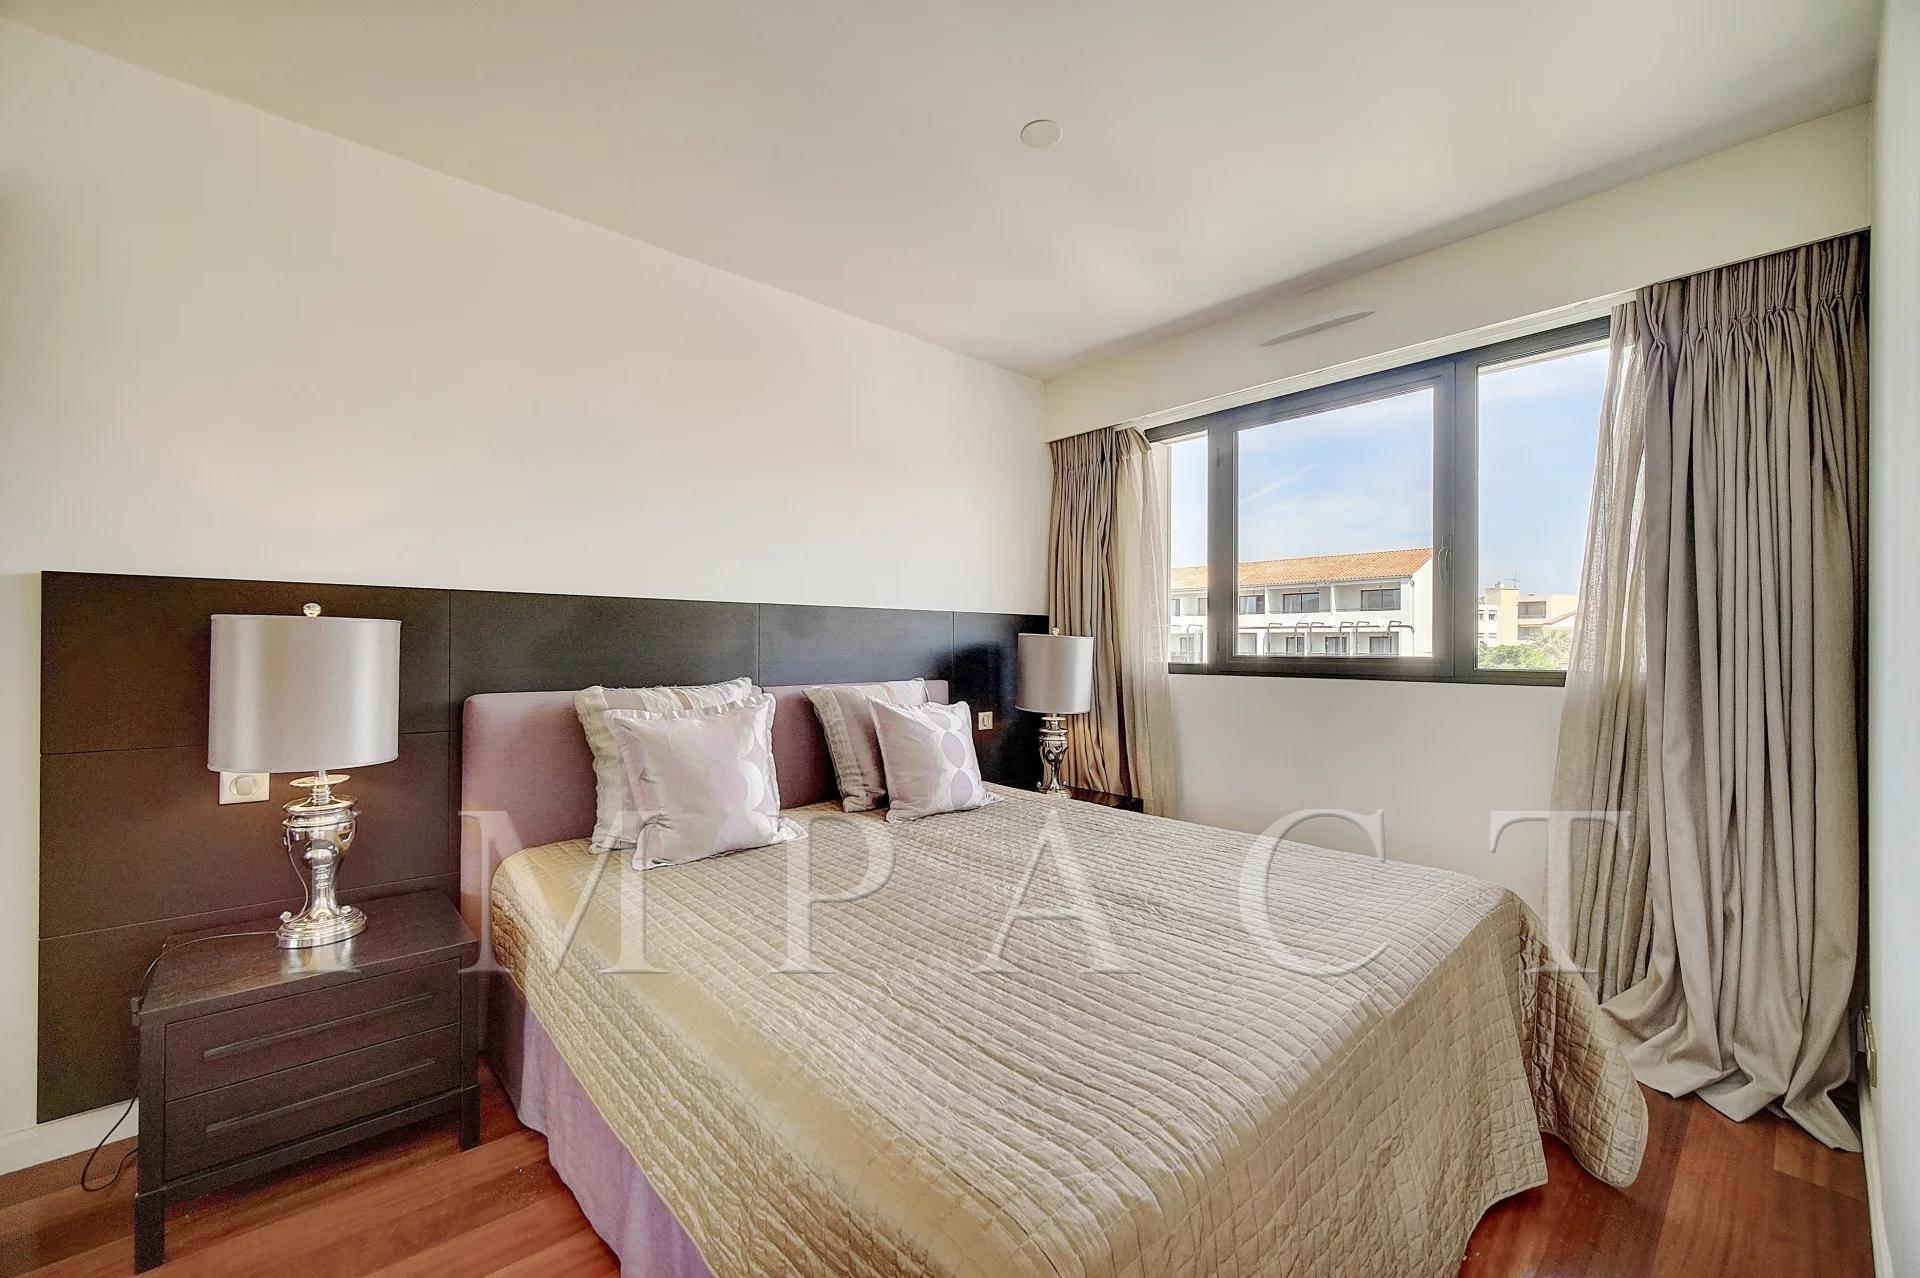 Location Nouvel appartement 2 pièces dans le centre ville de Cannes